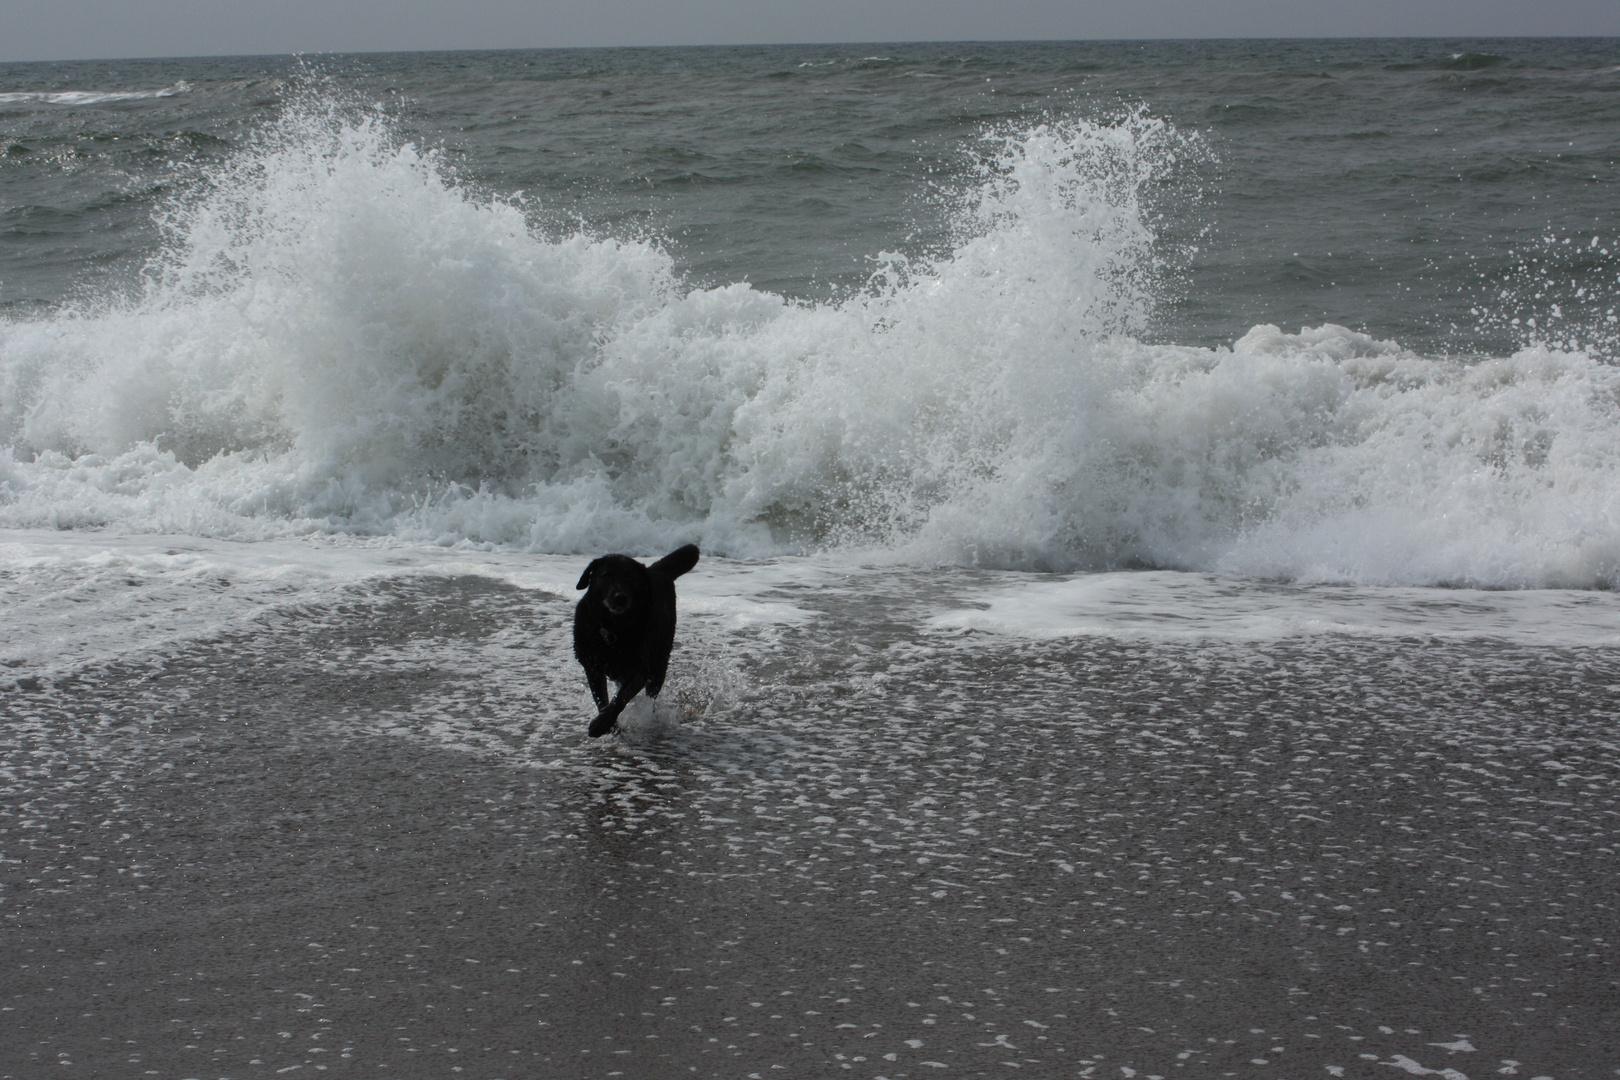 Die Welle kommt